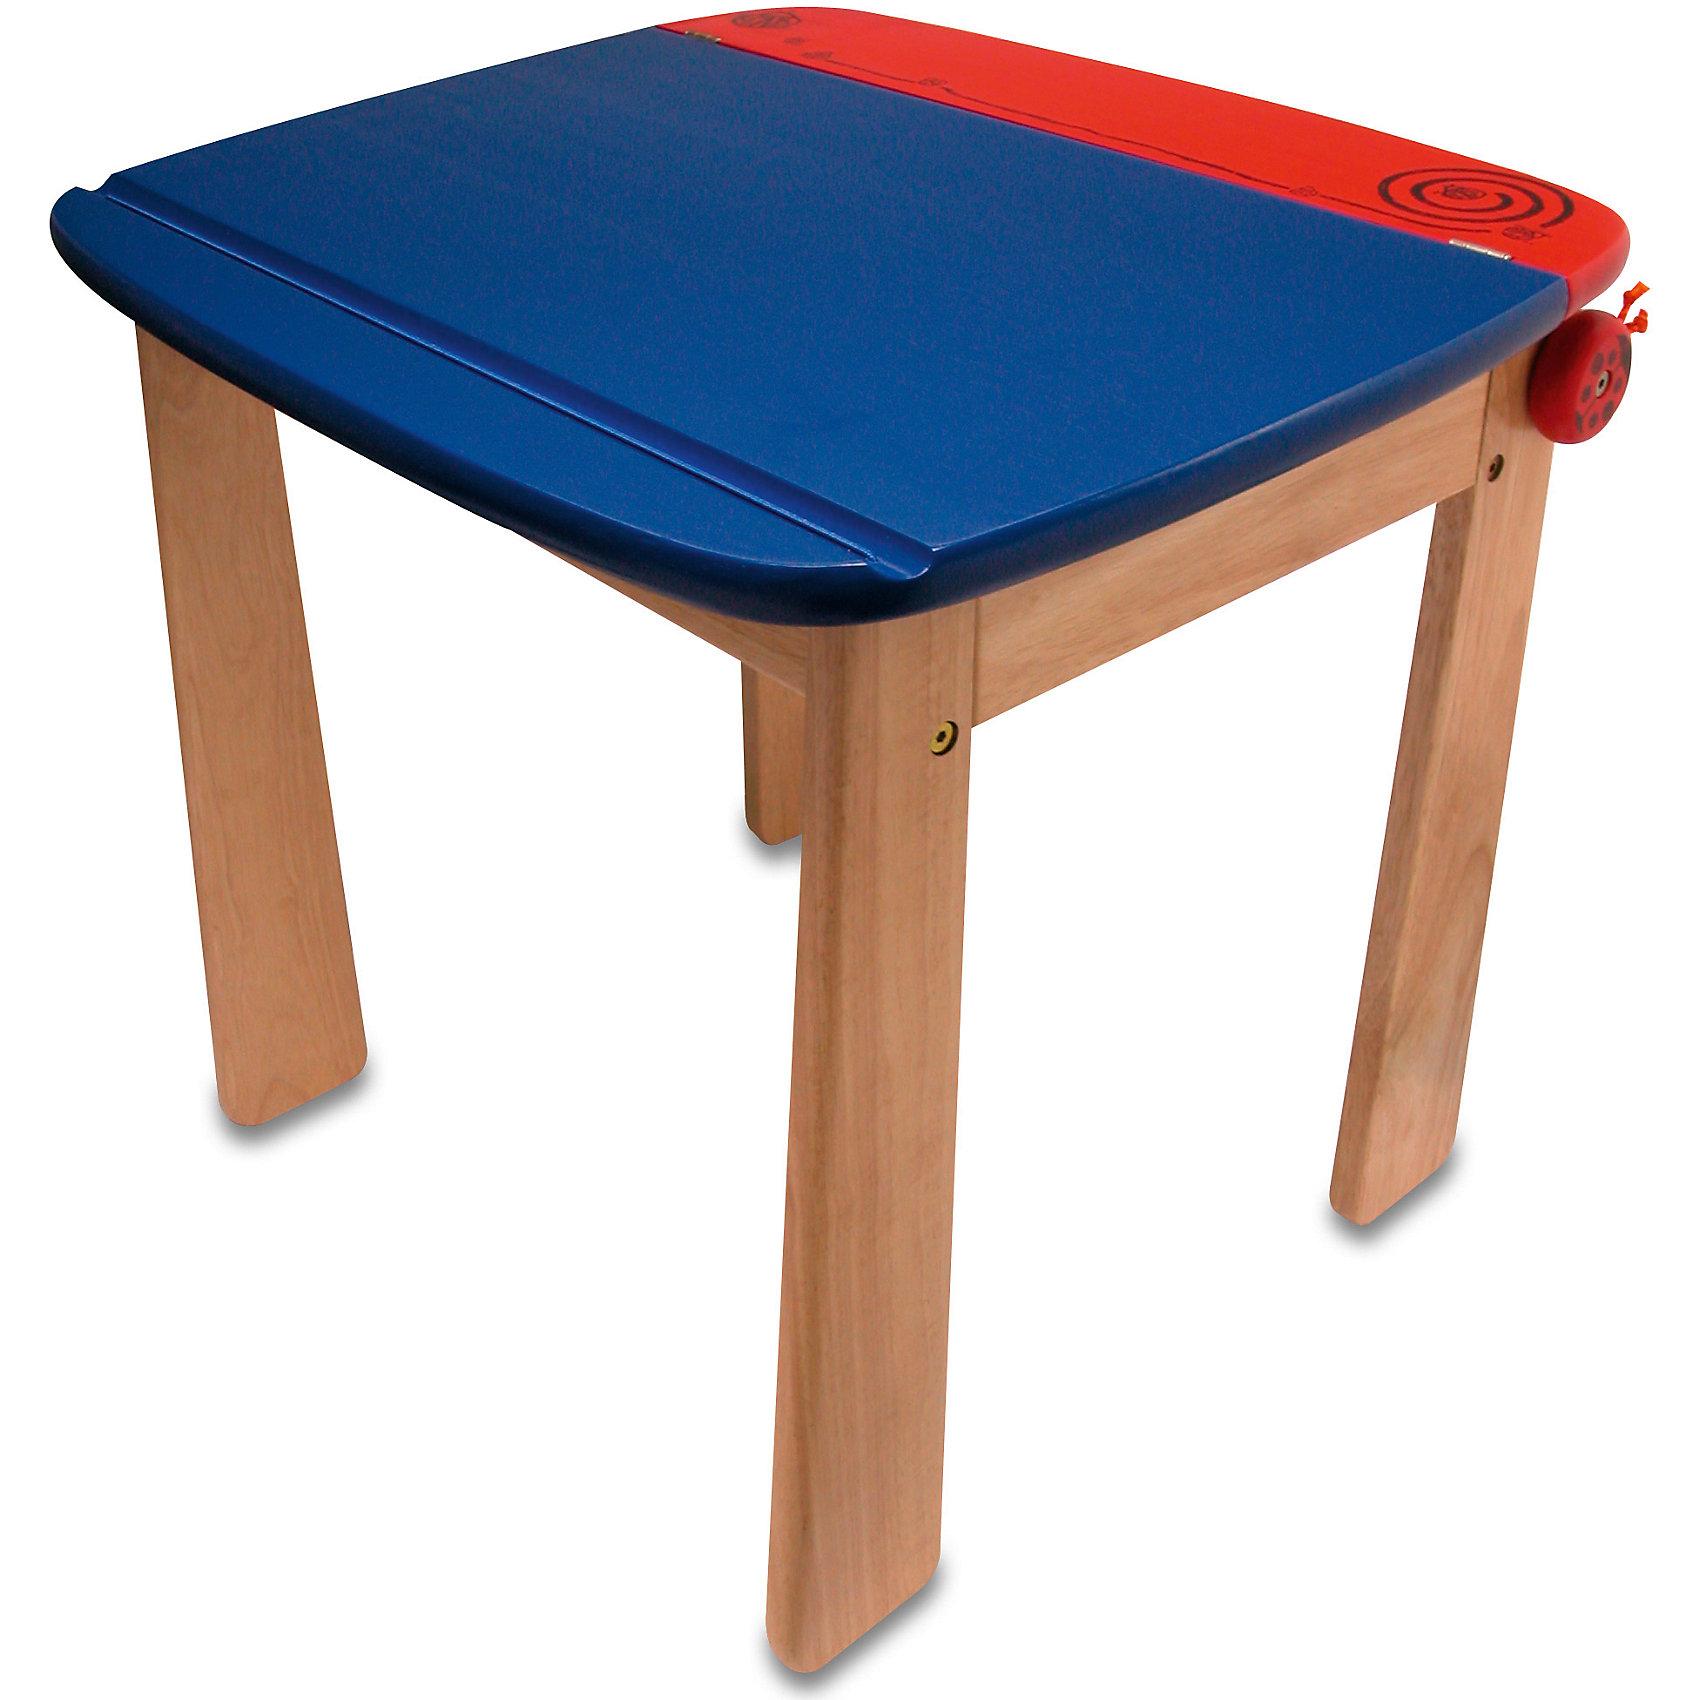 Стол с контейнером для ручек деревянный, Im Toy, голубойМебель<br>Стол с контейнером для ручек деревянный, Im Toy, голубой.<br><br>Характеристики:<br><br>• Для детей в возрасте: от 3 лет<br>• Материал: древесина редких ценных пород, которые растут в экологически-чистых районах Юго-Восточной Азии<br>• Размер: 60х52х54 см.<br>• Цвет столешницы: голубой, красный<br>• Размер упаковки: 61х53х8 см.<br>• Вес: 8,6 кг.<br><br>Яркий удобный столик с открывающейся столешницей и креплением для рулона бумаги станет идеальным местом для рисования и других занятий творчеством. У столика устойчивая конструкция, гладкие ножки и безопасные закруглённые углы. Столешница поднимается, под ней находится вместительный контейнер для хранения необходимых в процессе творчества аксессуаров. Таким образом, у ребенка все будет под рукой, а после занятий - аккуратно убрано на место. Столешница оборудована доводчиком для плавного открытия и закрытия. Жесткой фиксации столешницы в открытом положении нет (если открыть столешницу и нажать на нее, она плавно закроется). Для крепления рулона бумаги под столешницей предусмотрена деревянная ось, которую, по бокам придерживают забавные божьи коровки. Стол изготовлен из ценных пород древесины, окрашен безопасными красками насыщенных цветов.<br><br>Стол с контейнером для ручек деревянный, Im Toy, голубой можно купить в нашем интернет-магазине.<br><br>Ширина мм: 52<br>Глубина мм: 60<br>Высота мм: 70<br>Вес г: 8600<br>Возраст от месяцев: 36<br>Возраст до месяцев: 72<br>Пол: Унисекс<br>Возраст: Детский<br>SKU: 5543467